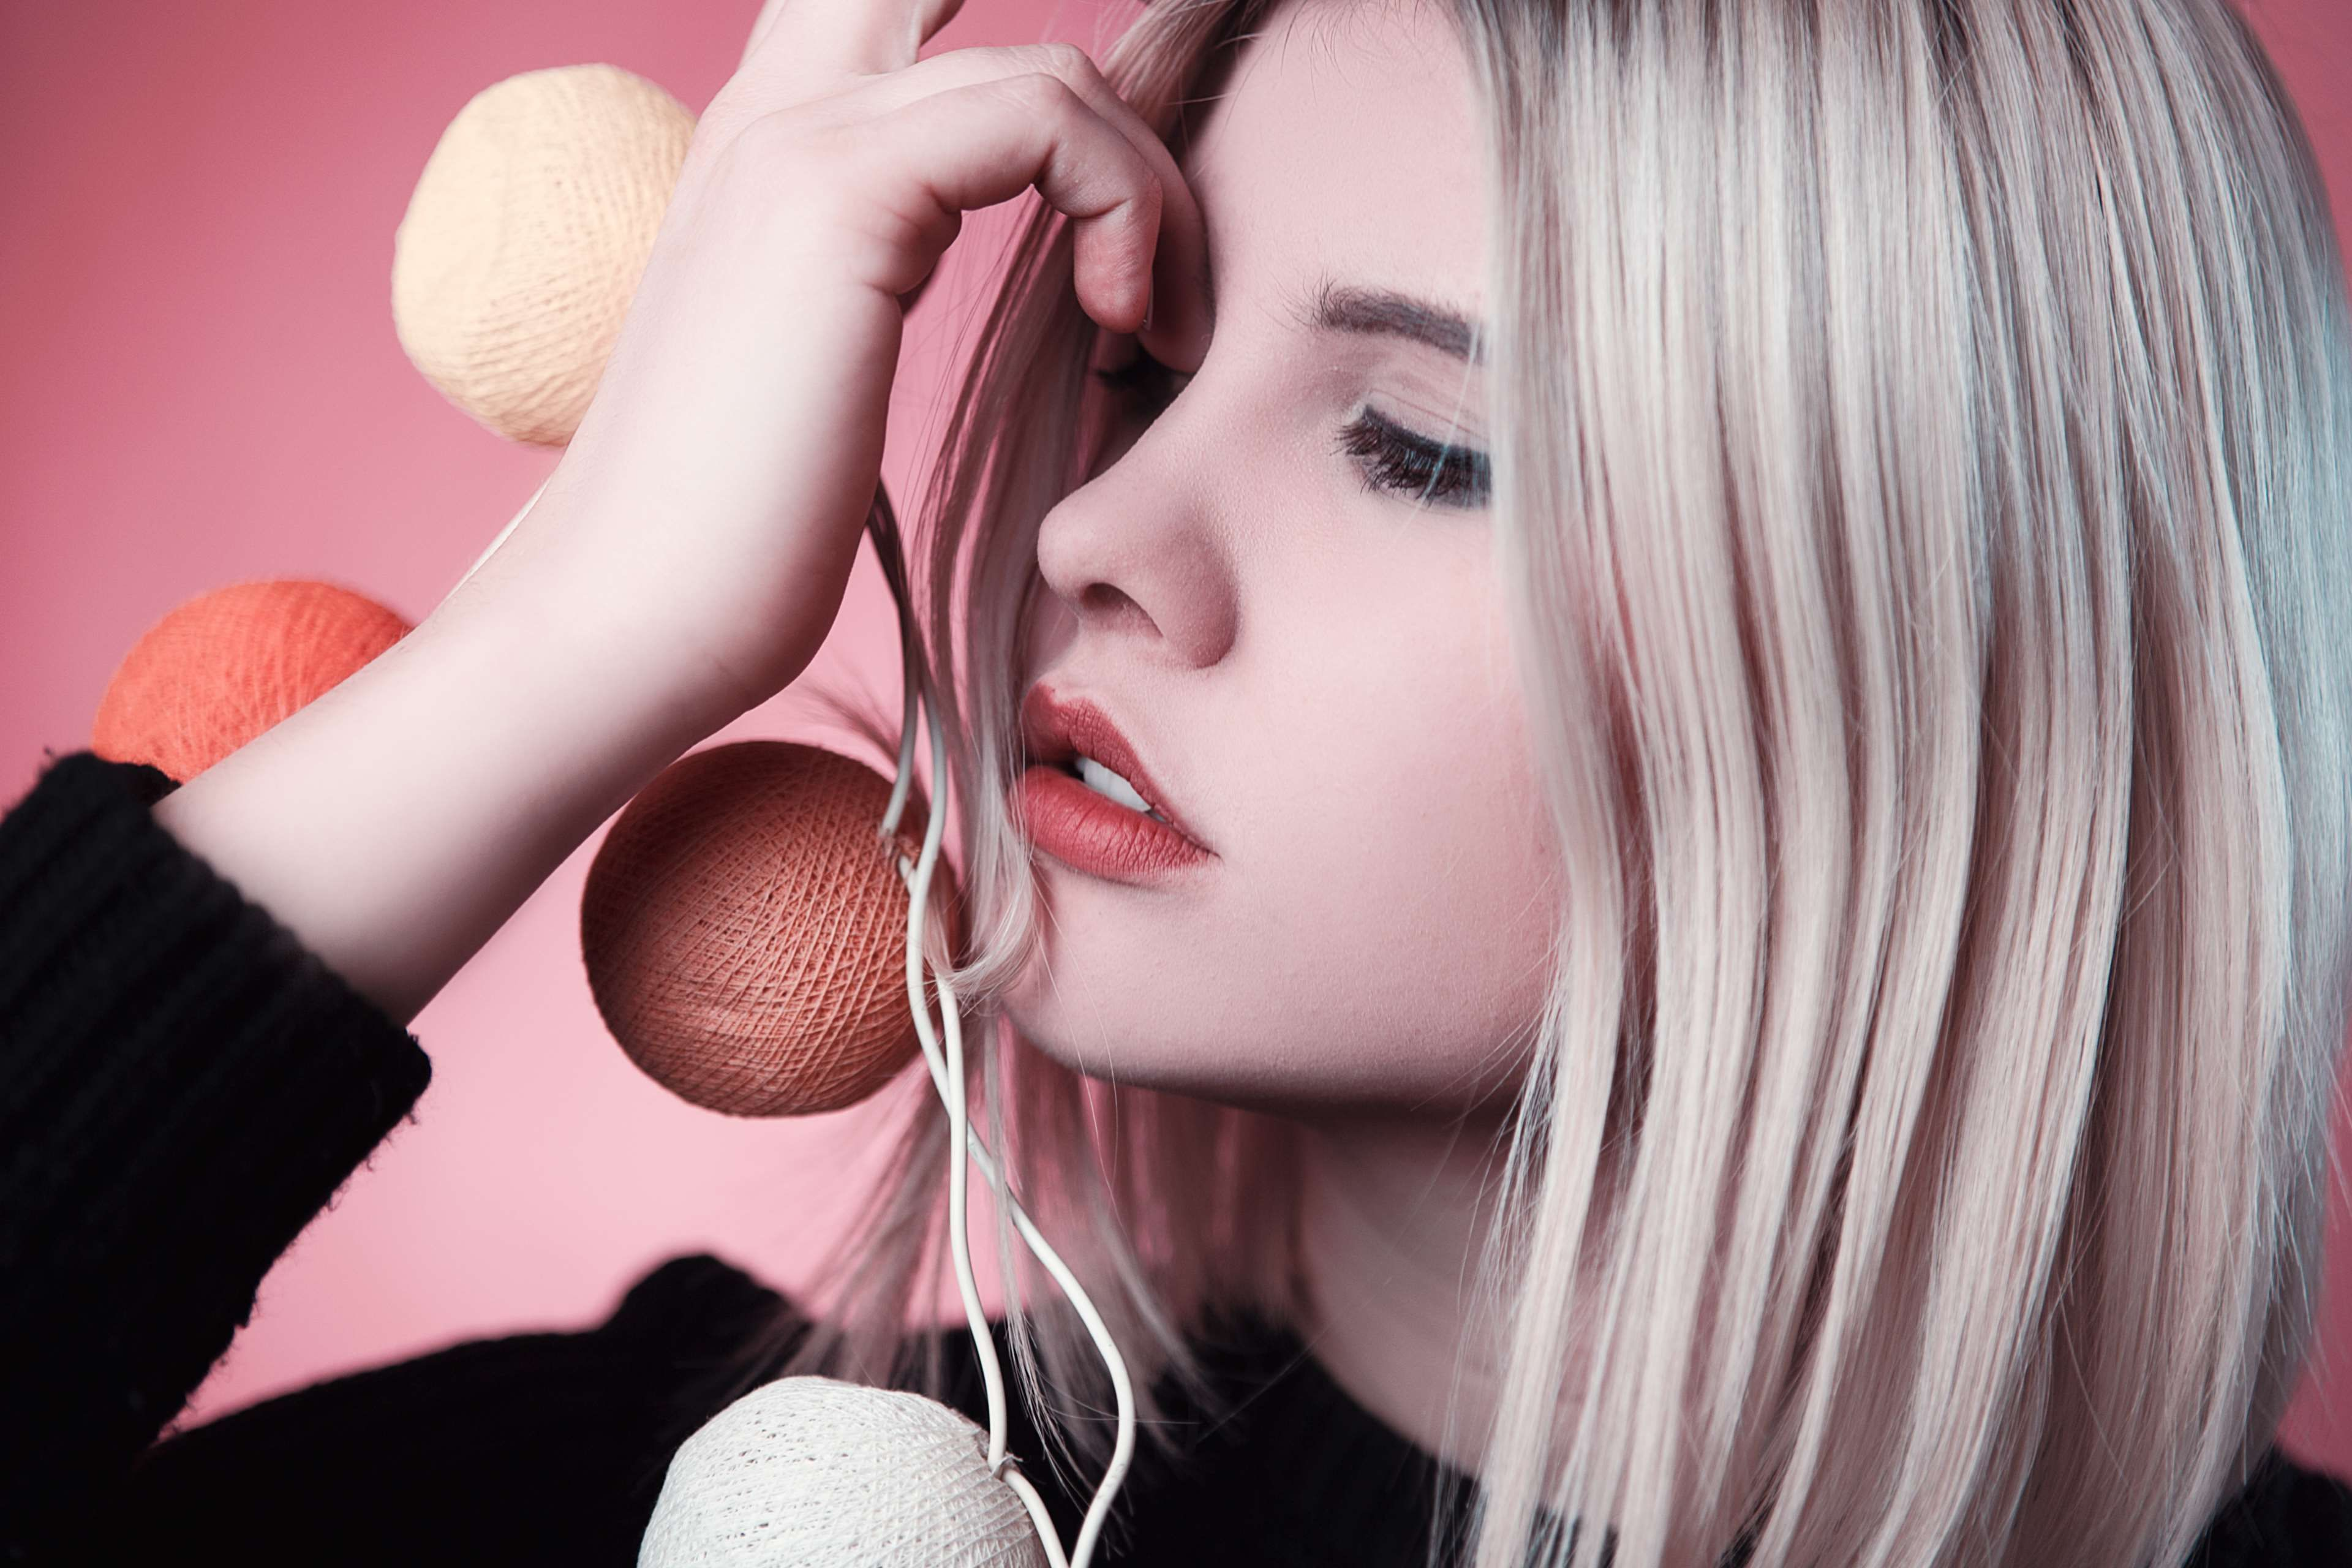 Resultado de imagen para sexy girl blonde cute